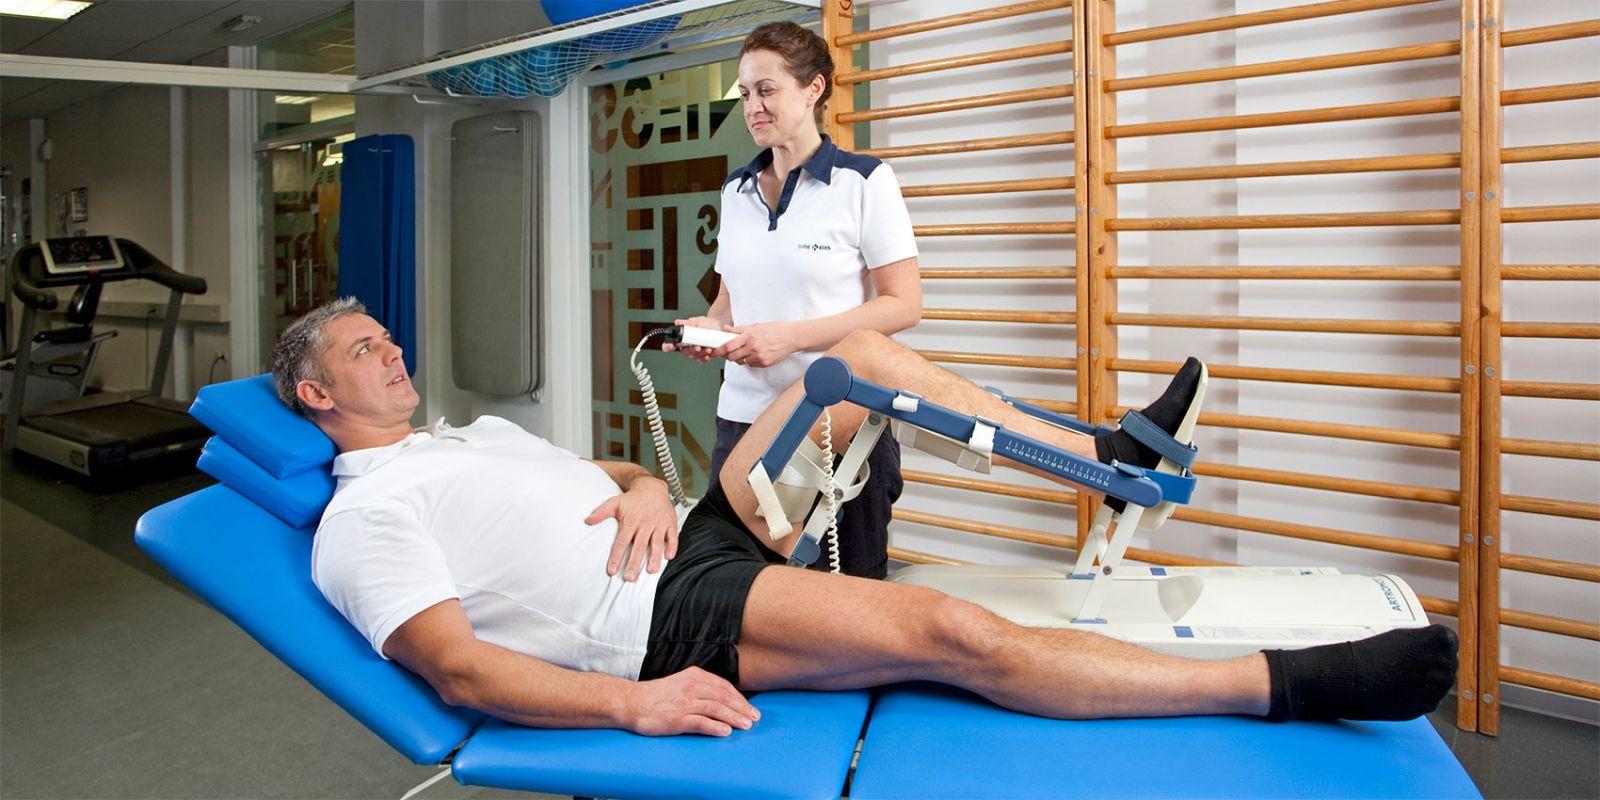 есть ли в астане клиника по эндопротезированию коленных суставов